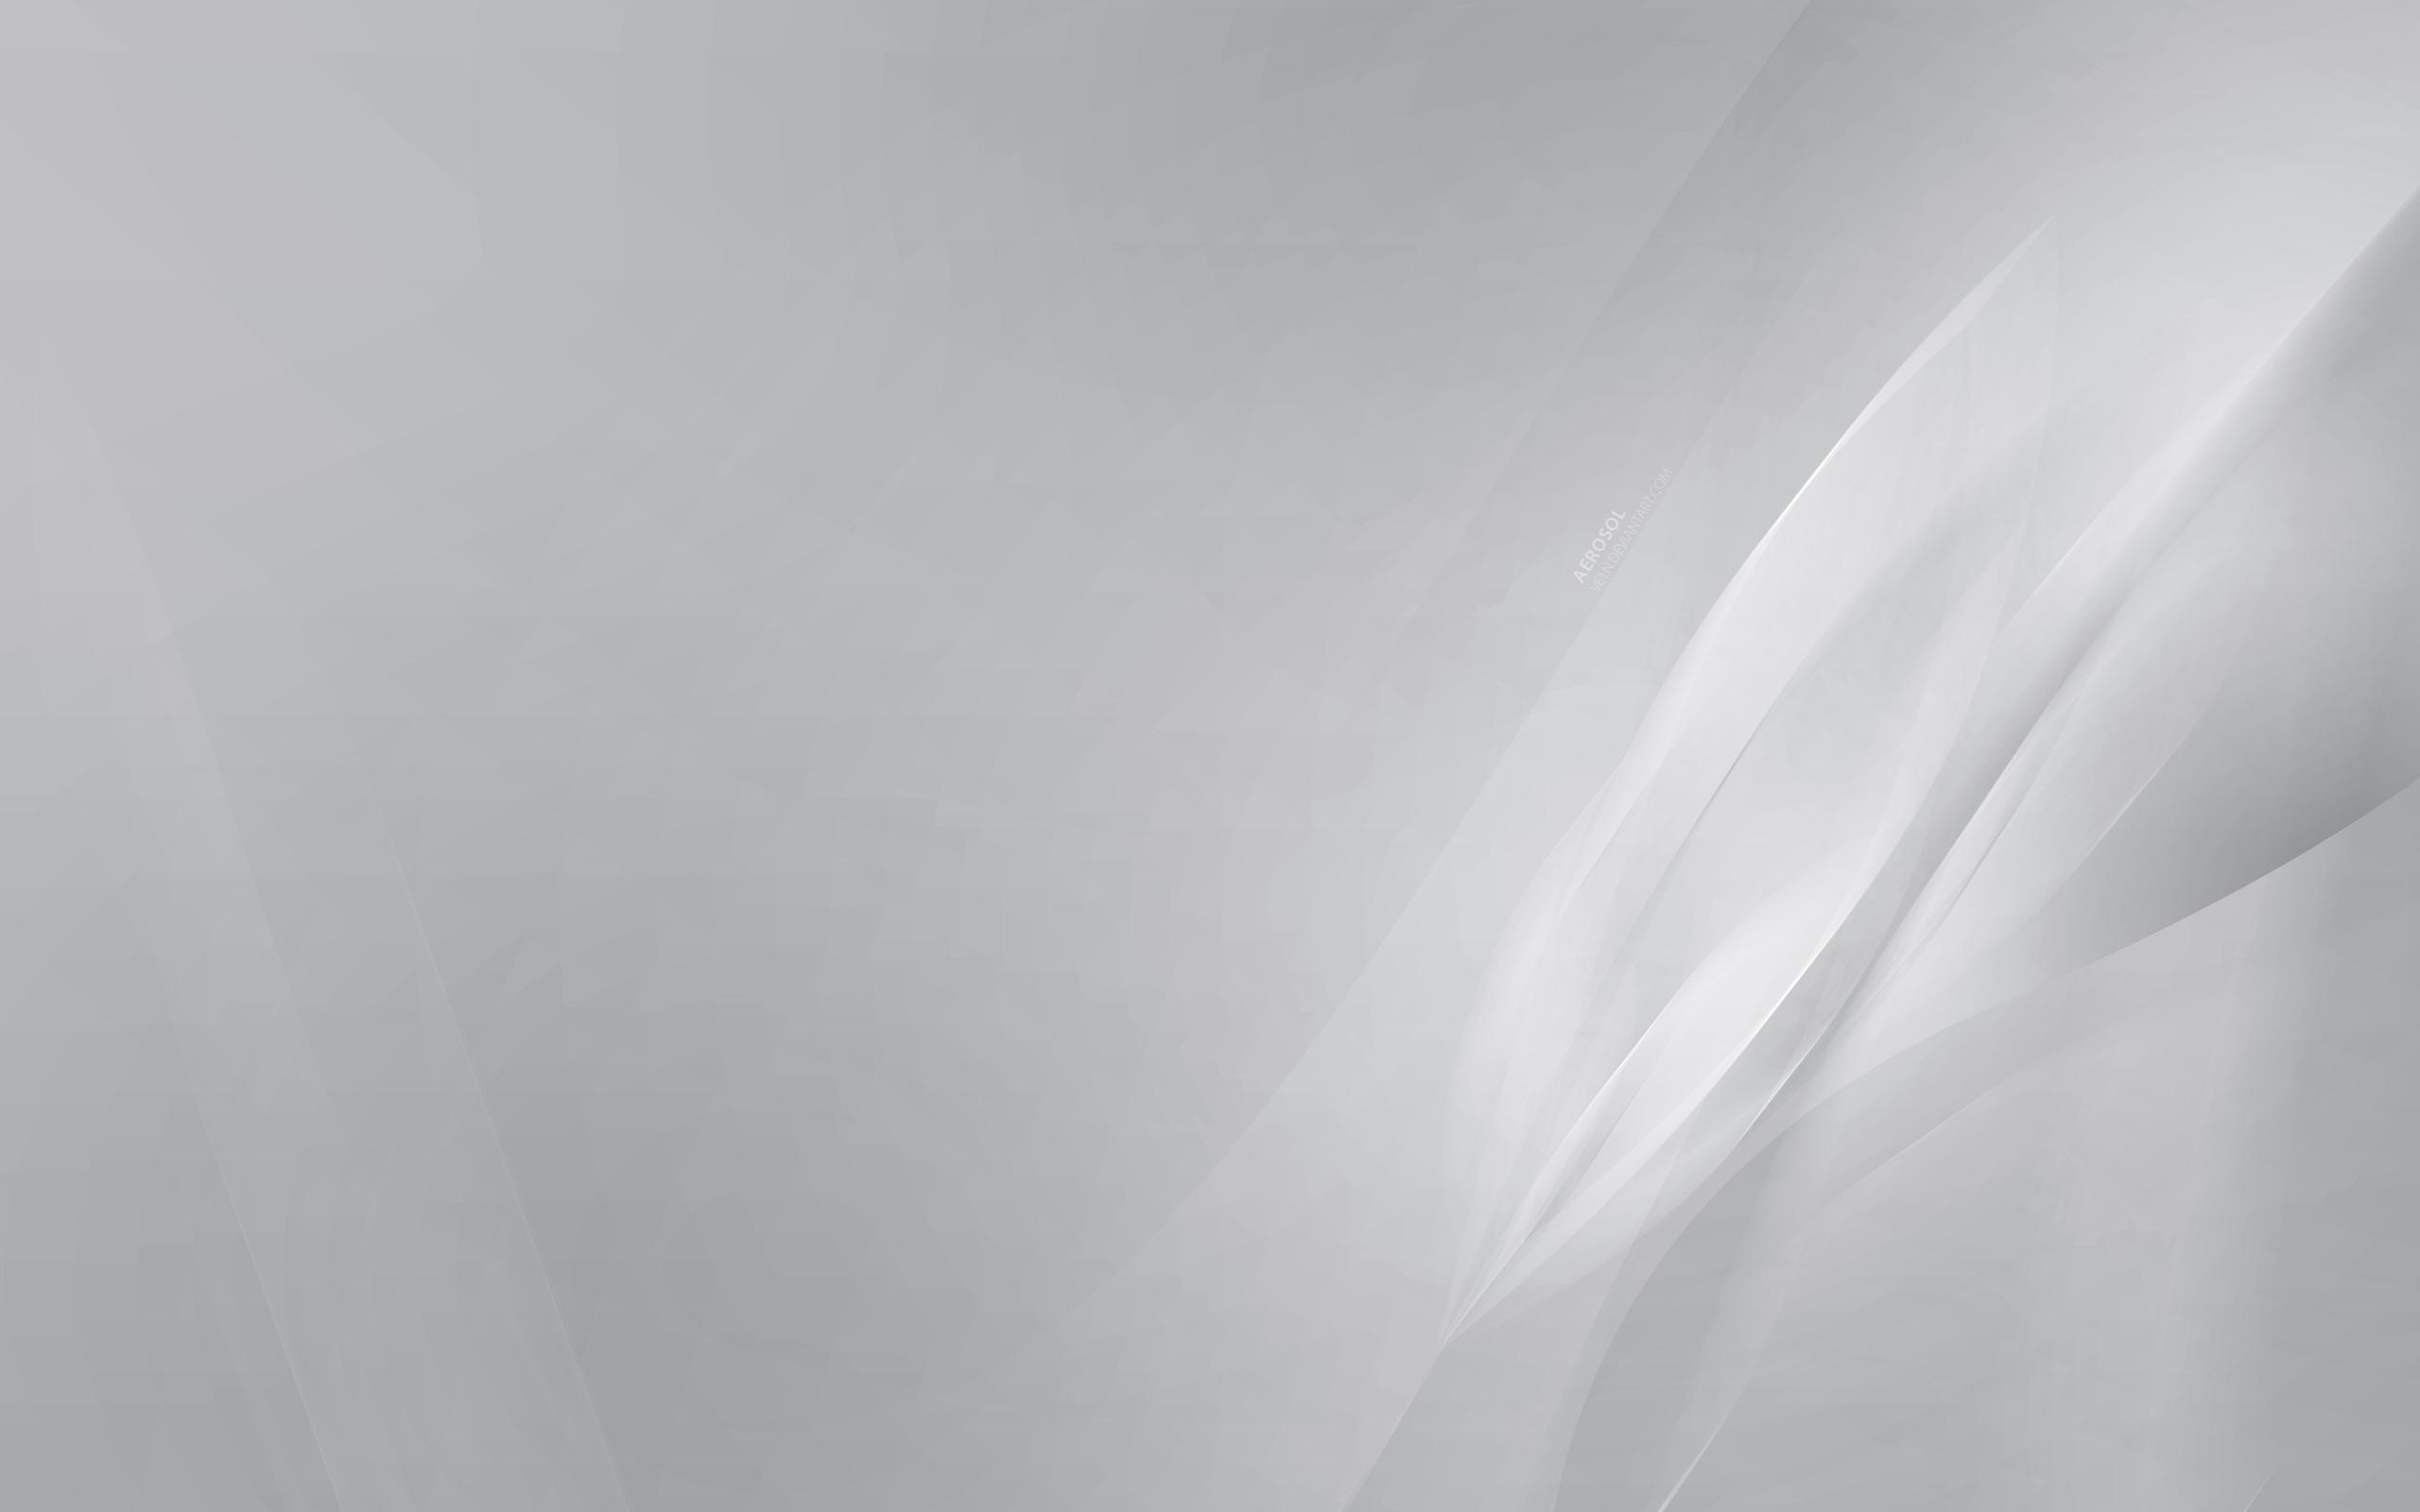 منتصف الليل الحواسيب الصغيرة سهل التحكم خلفية بيضاء سادة كبيرة Plasto Tech Com